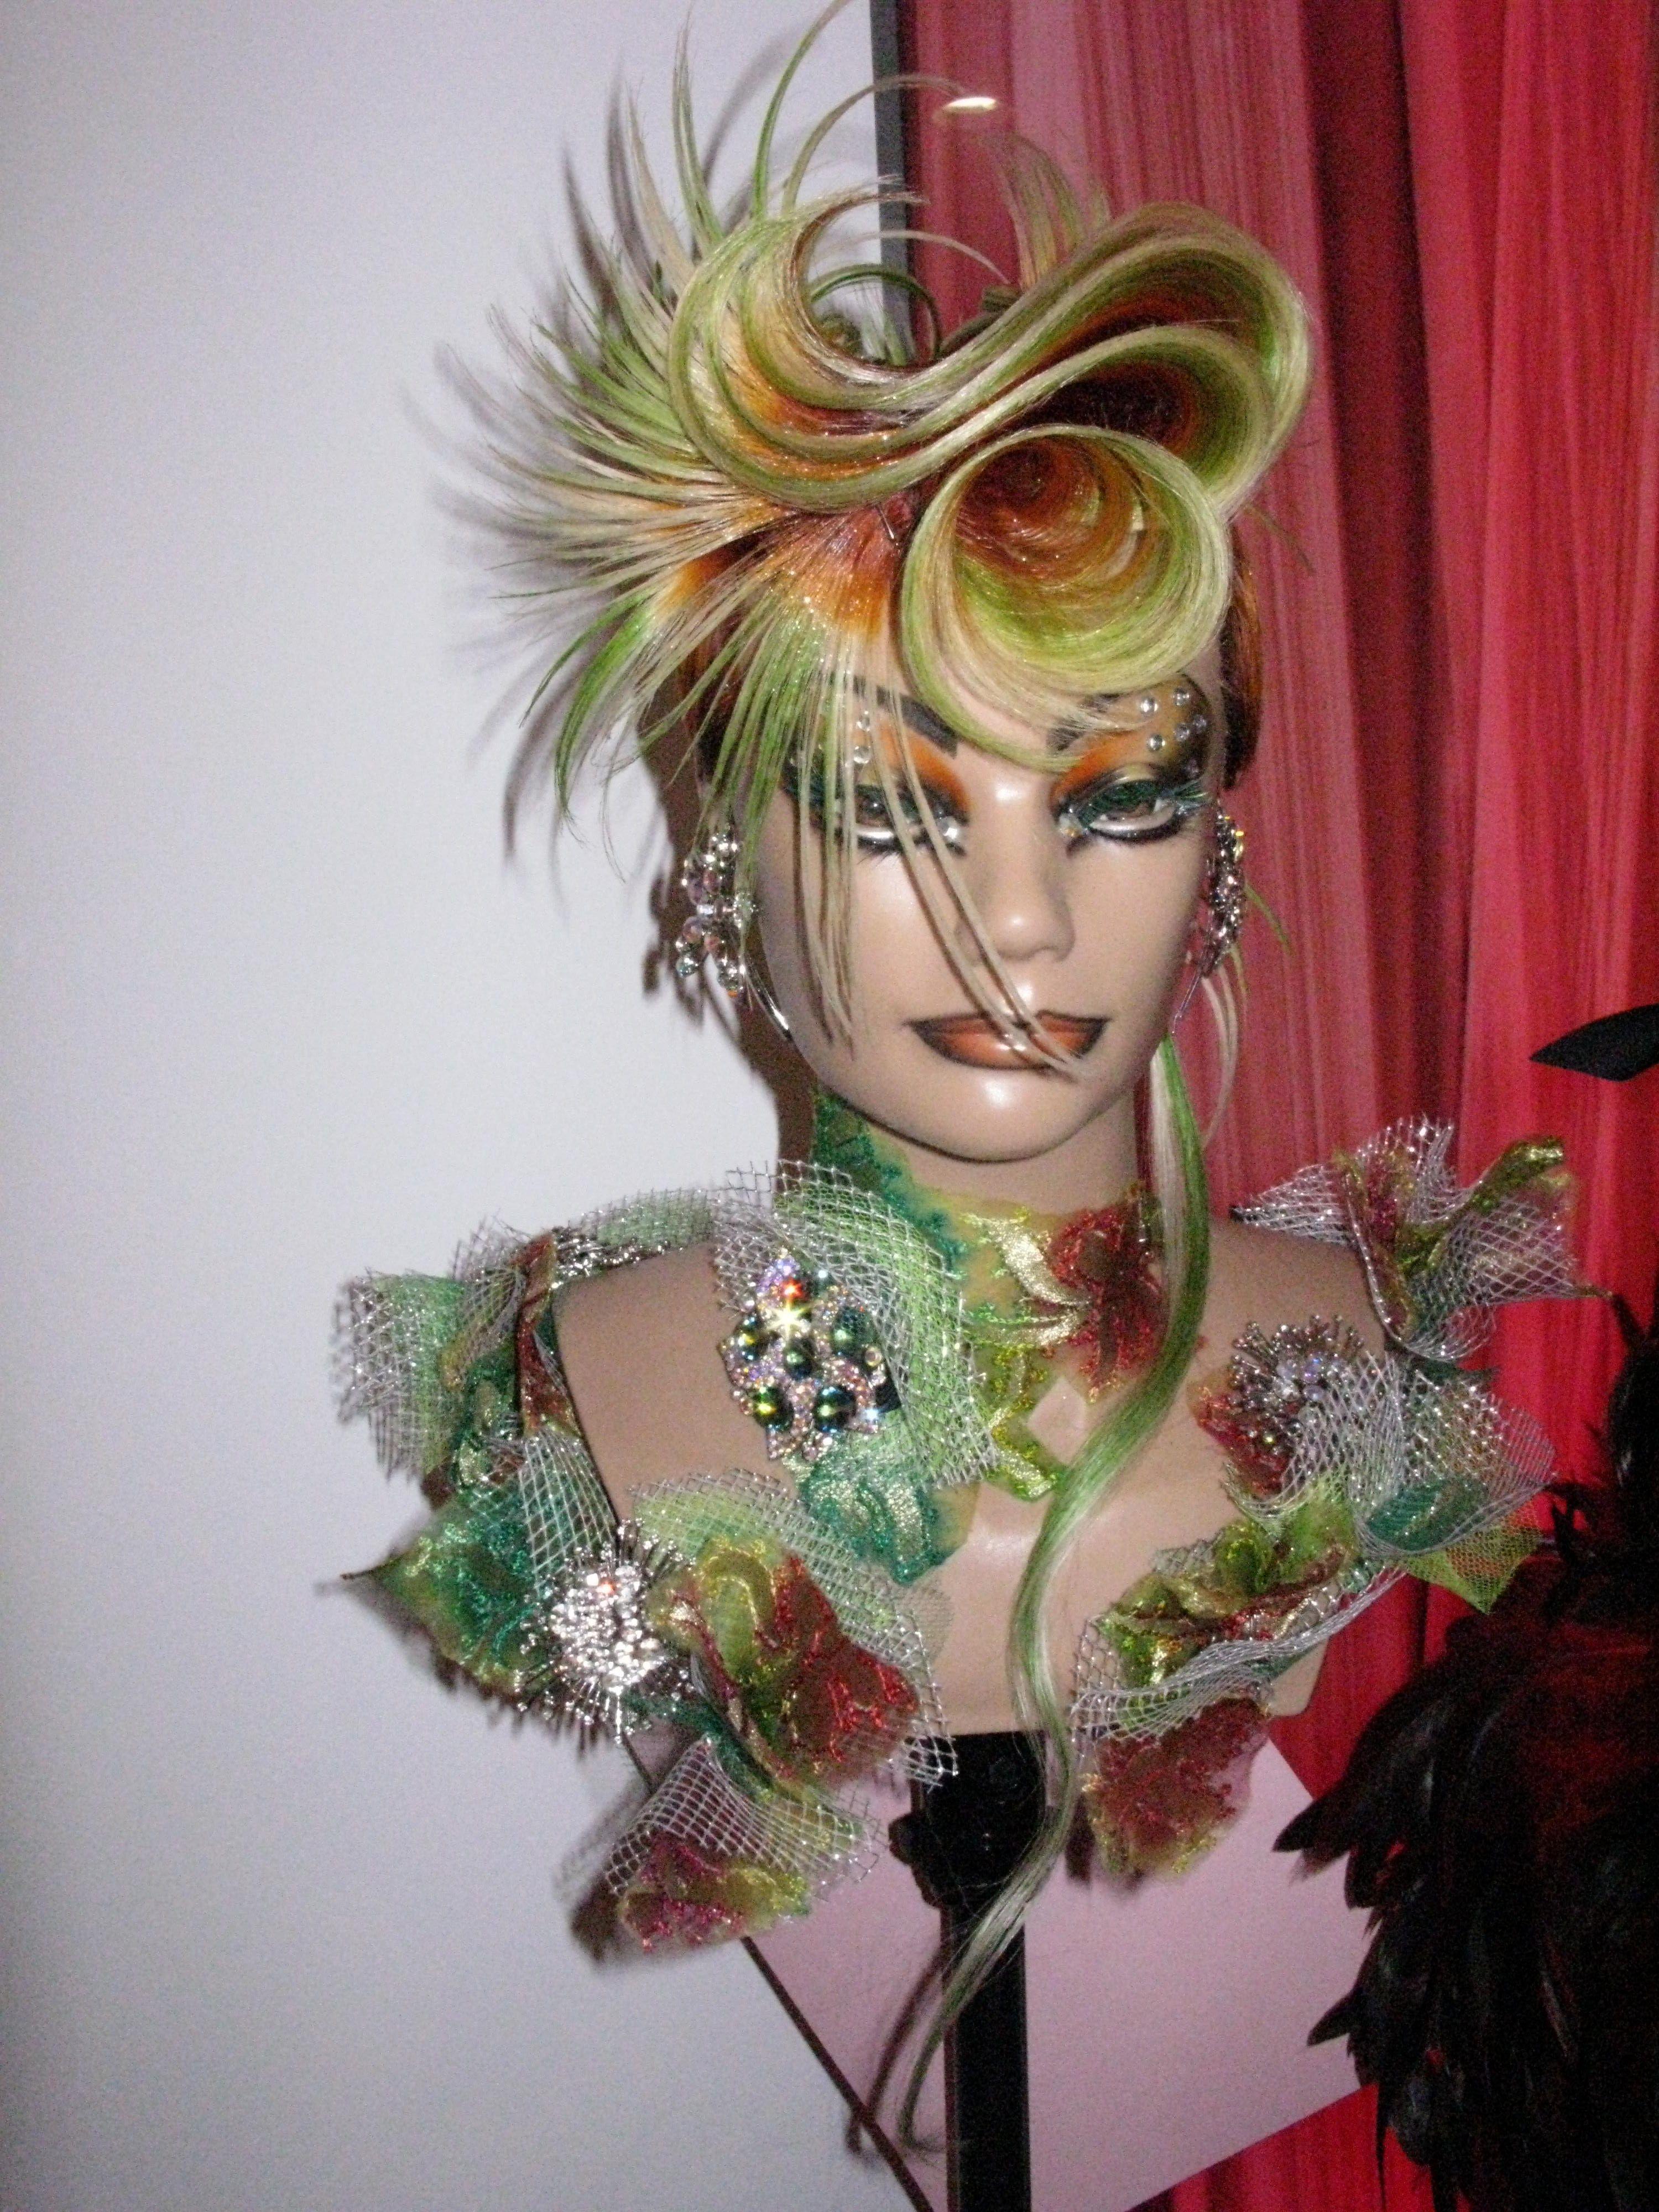 Mannequin Hair Omc Training Day Darmstadt